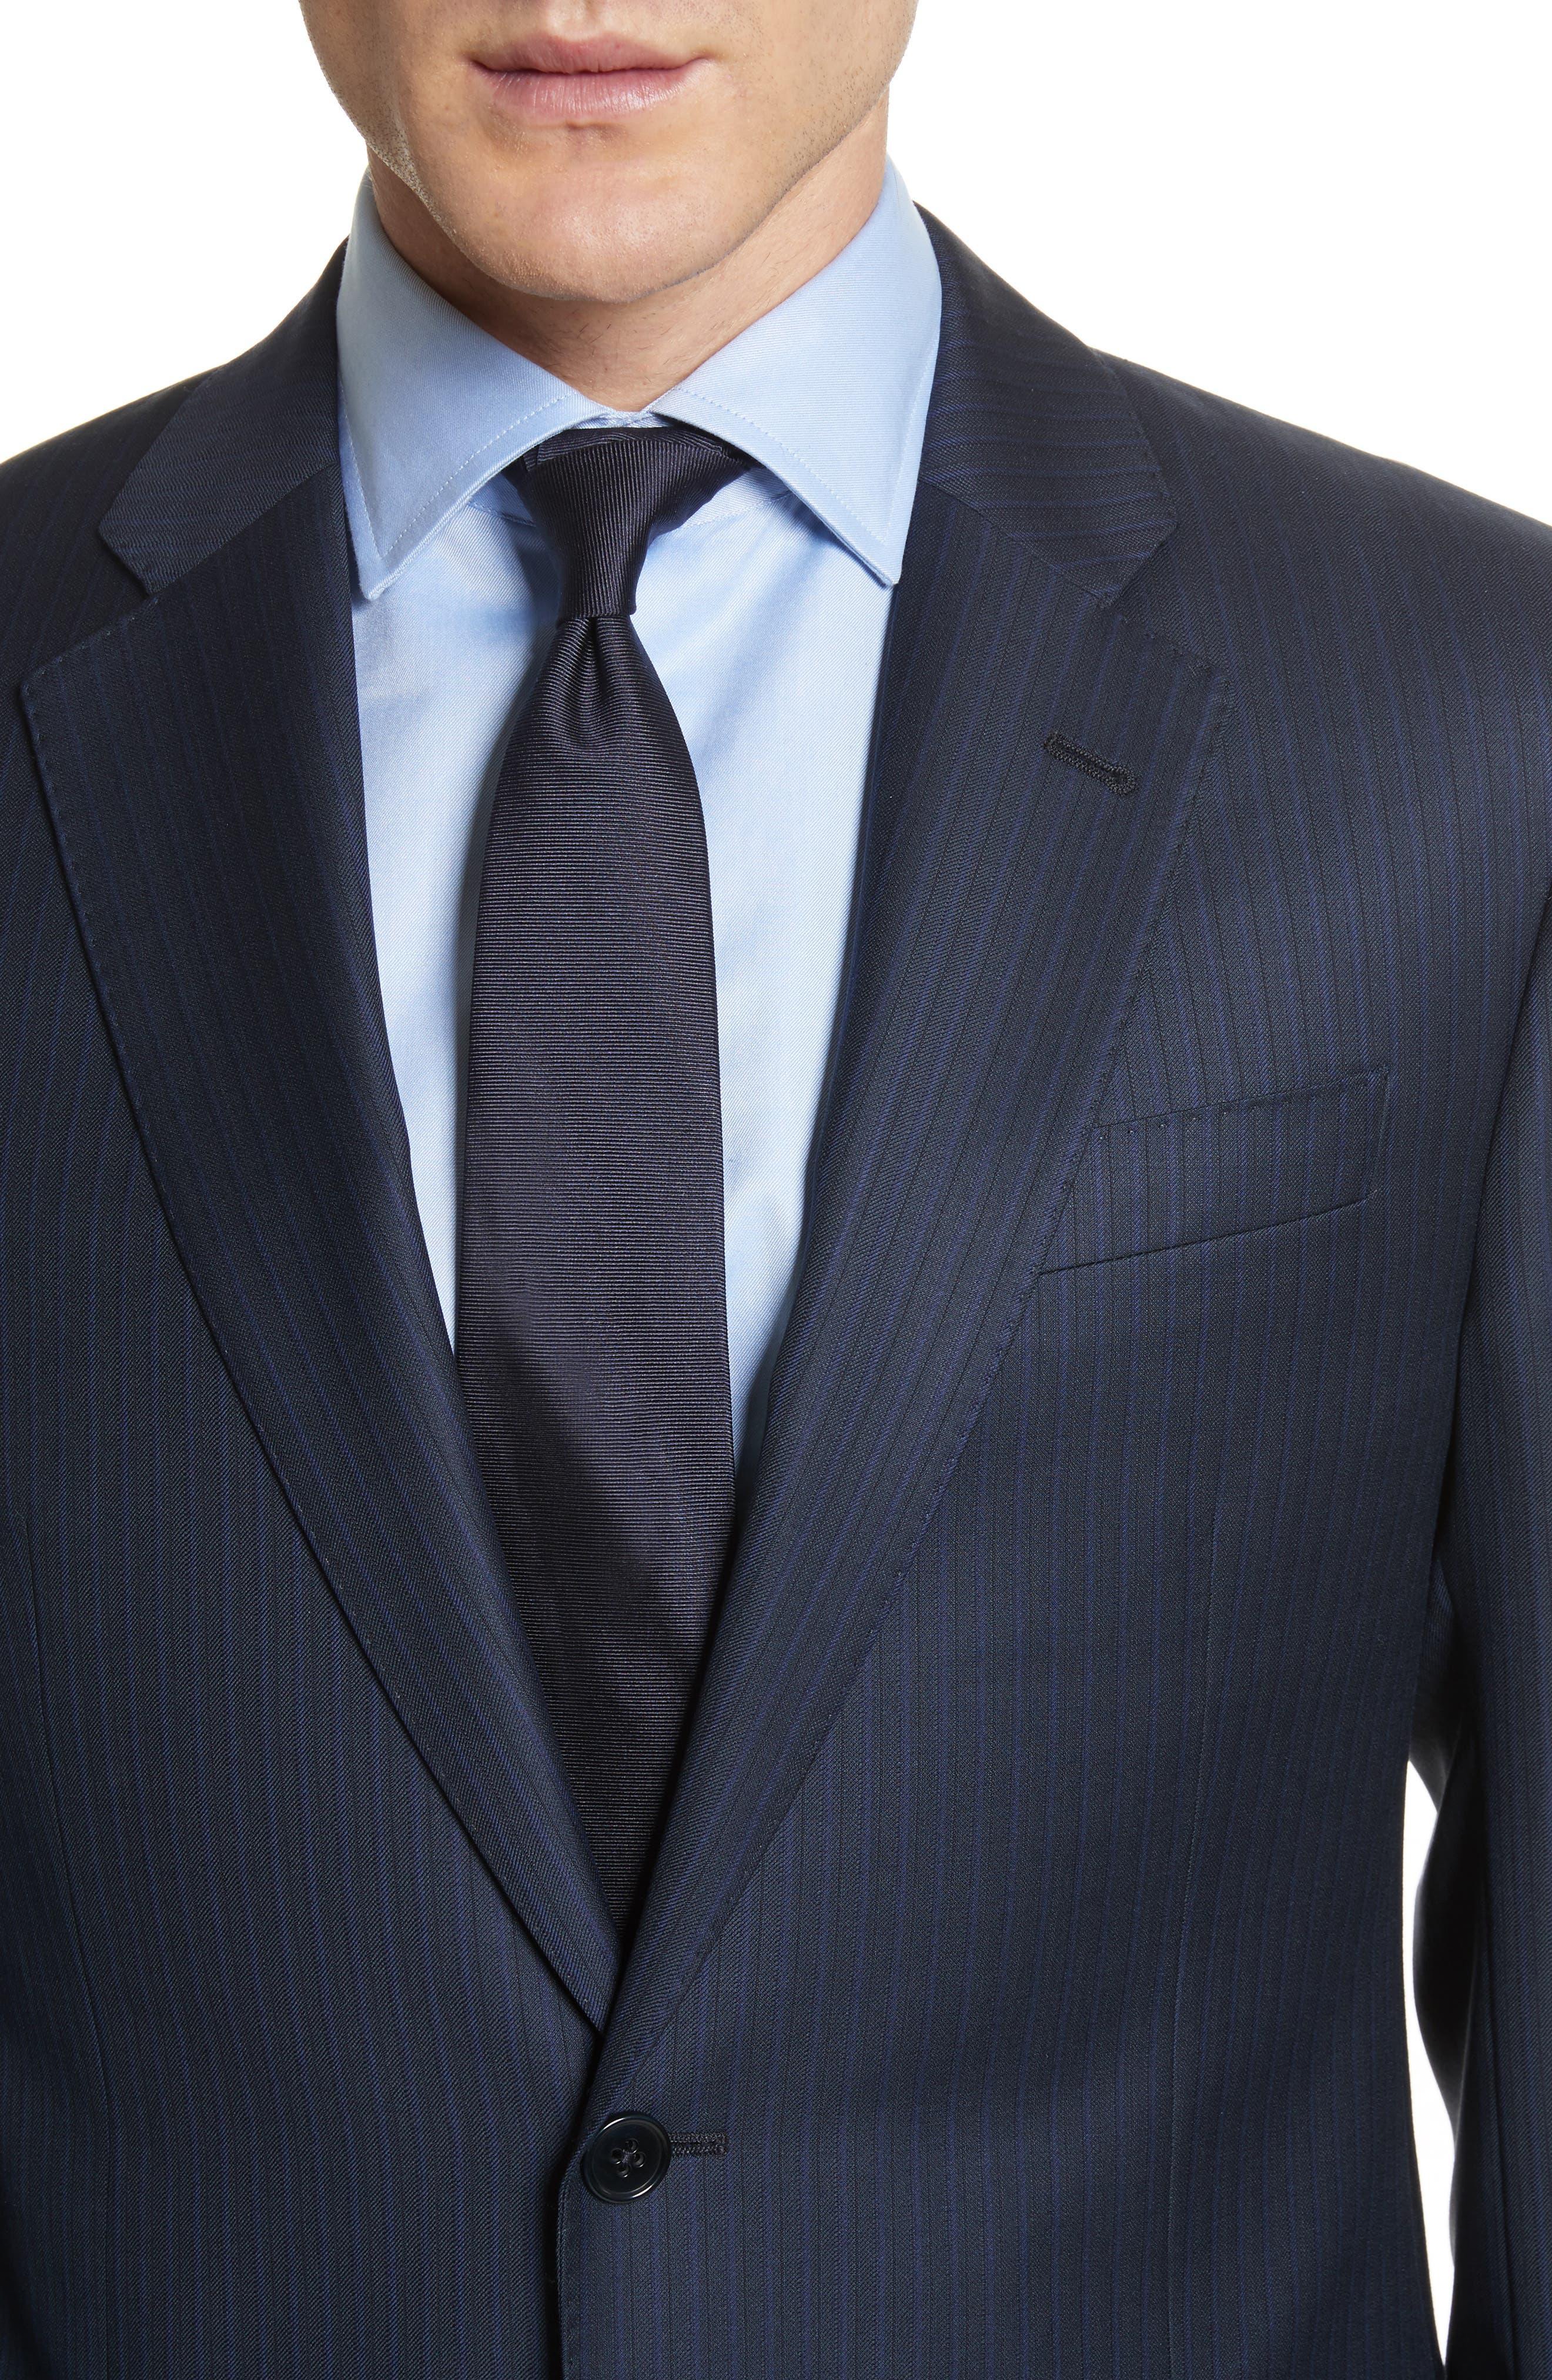 G Line Trim Fit Stripe Wool Suit,                             Alternate thumbnail 4, color,                             Blue